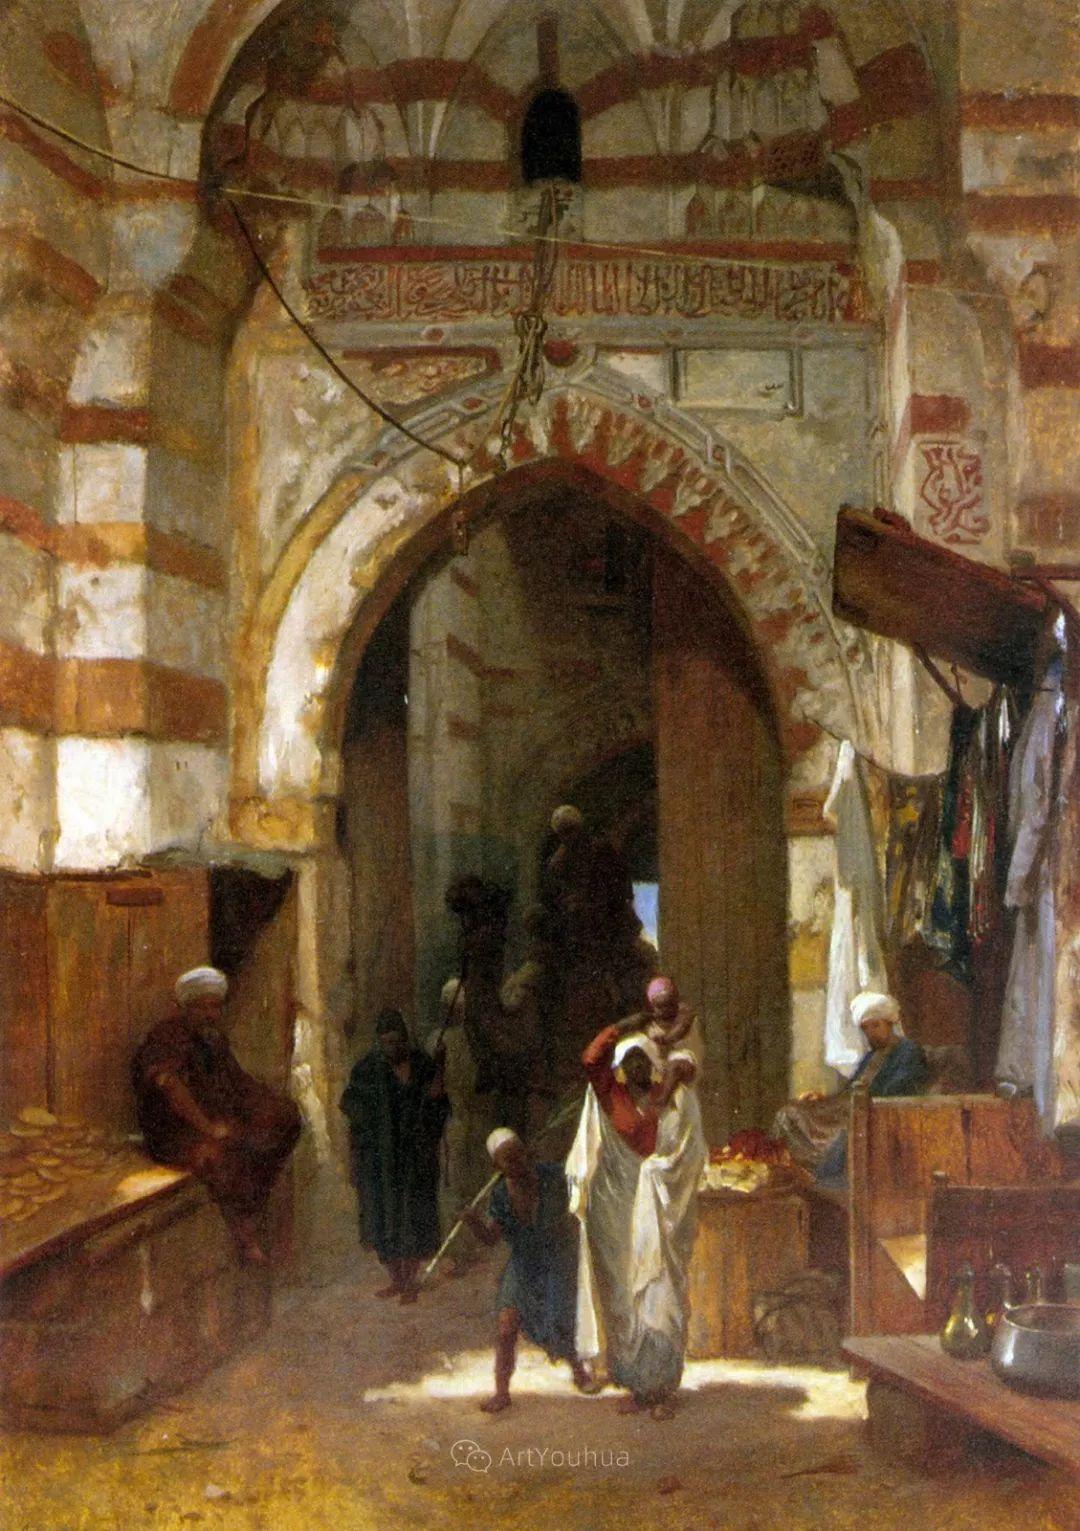 英国艺术家:弗雷德里克·古道尔 (1822-1904)插图6